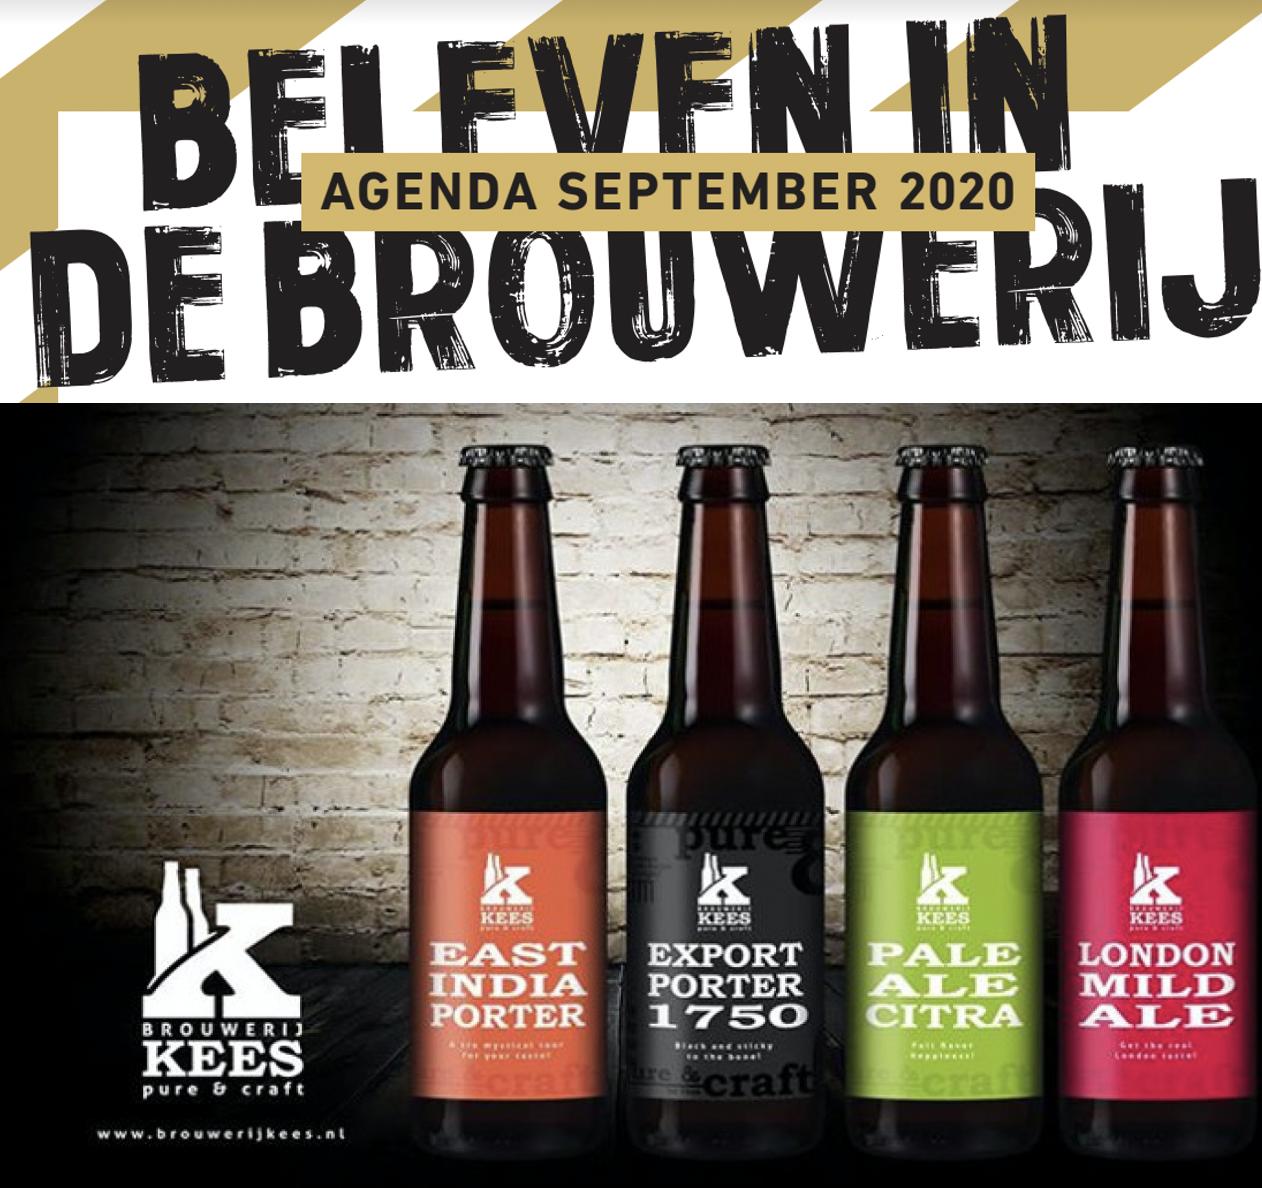 Gastbrouwer Brouwerij Kees @ Brouwerij Dockum